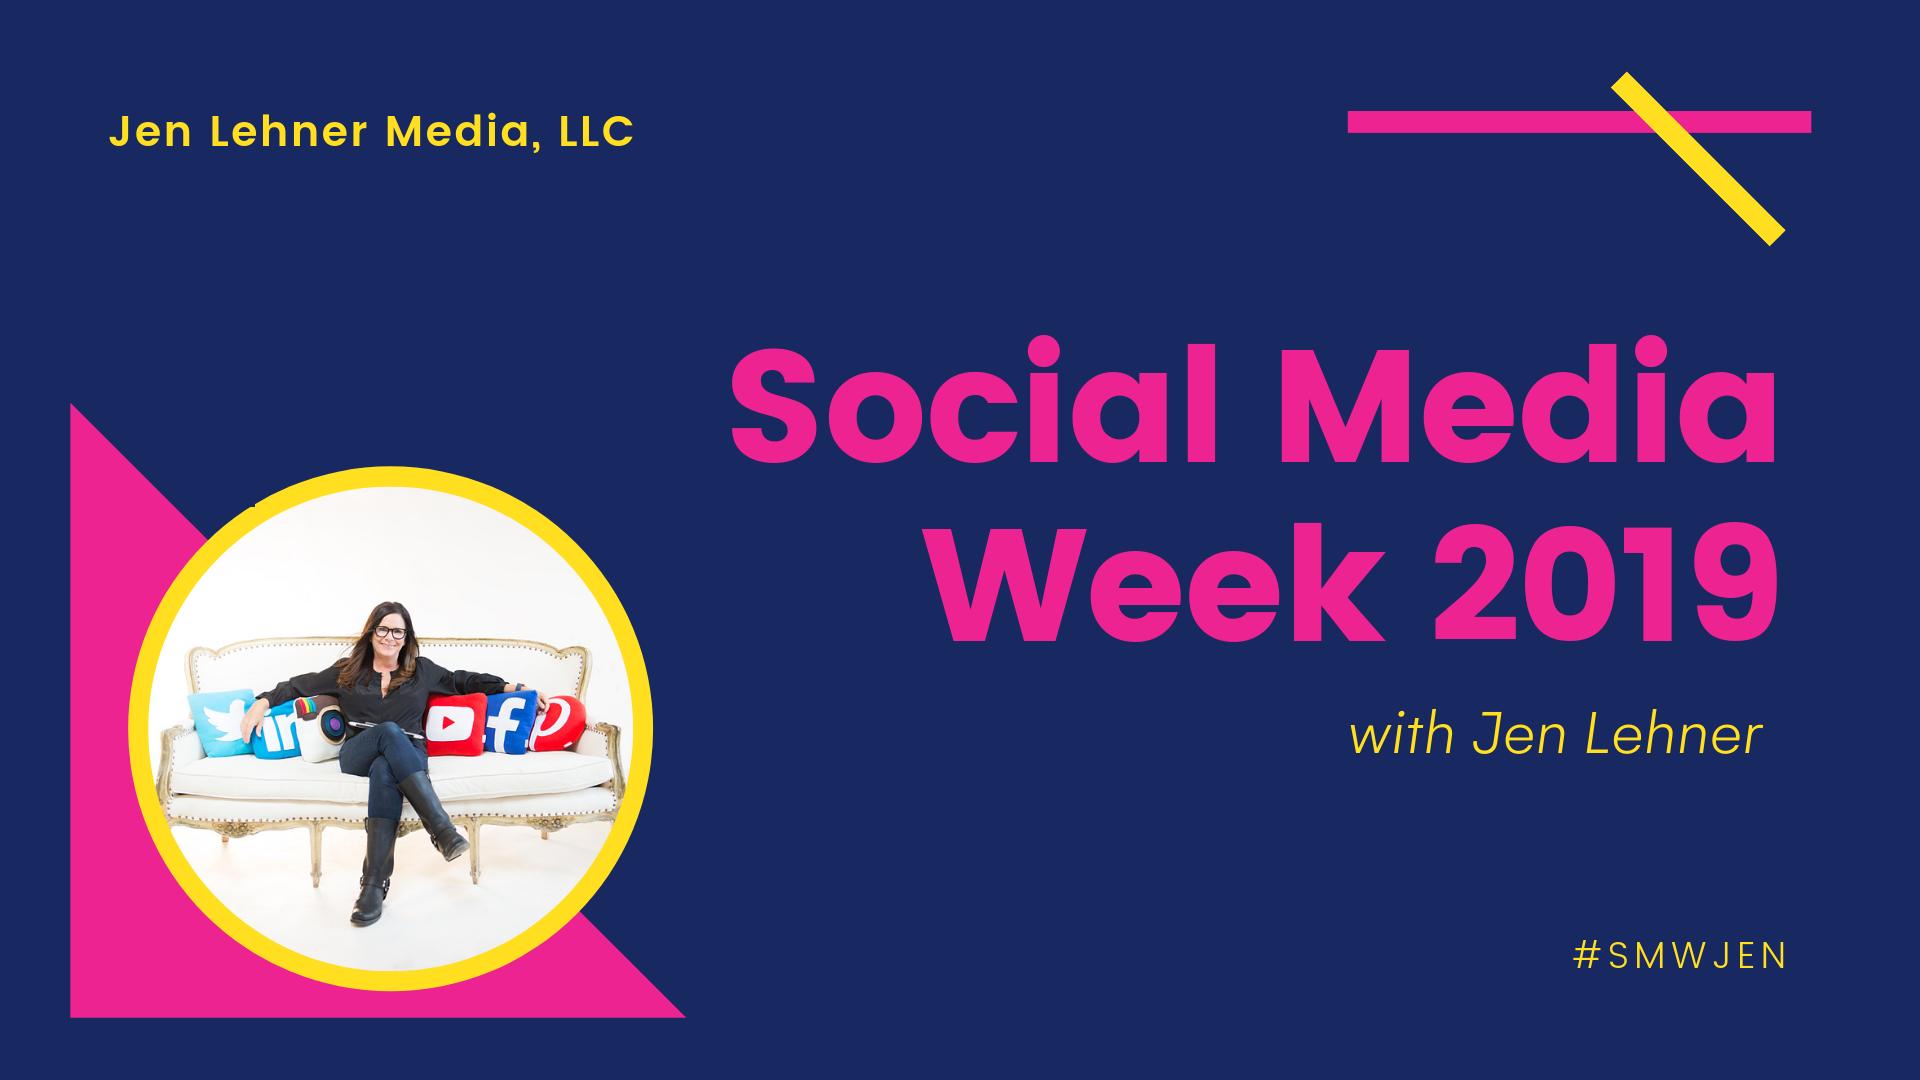 Social Media Week 2019 1.png